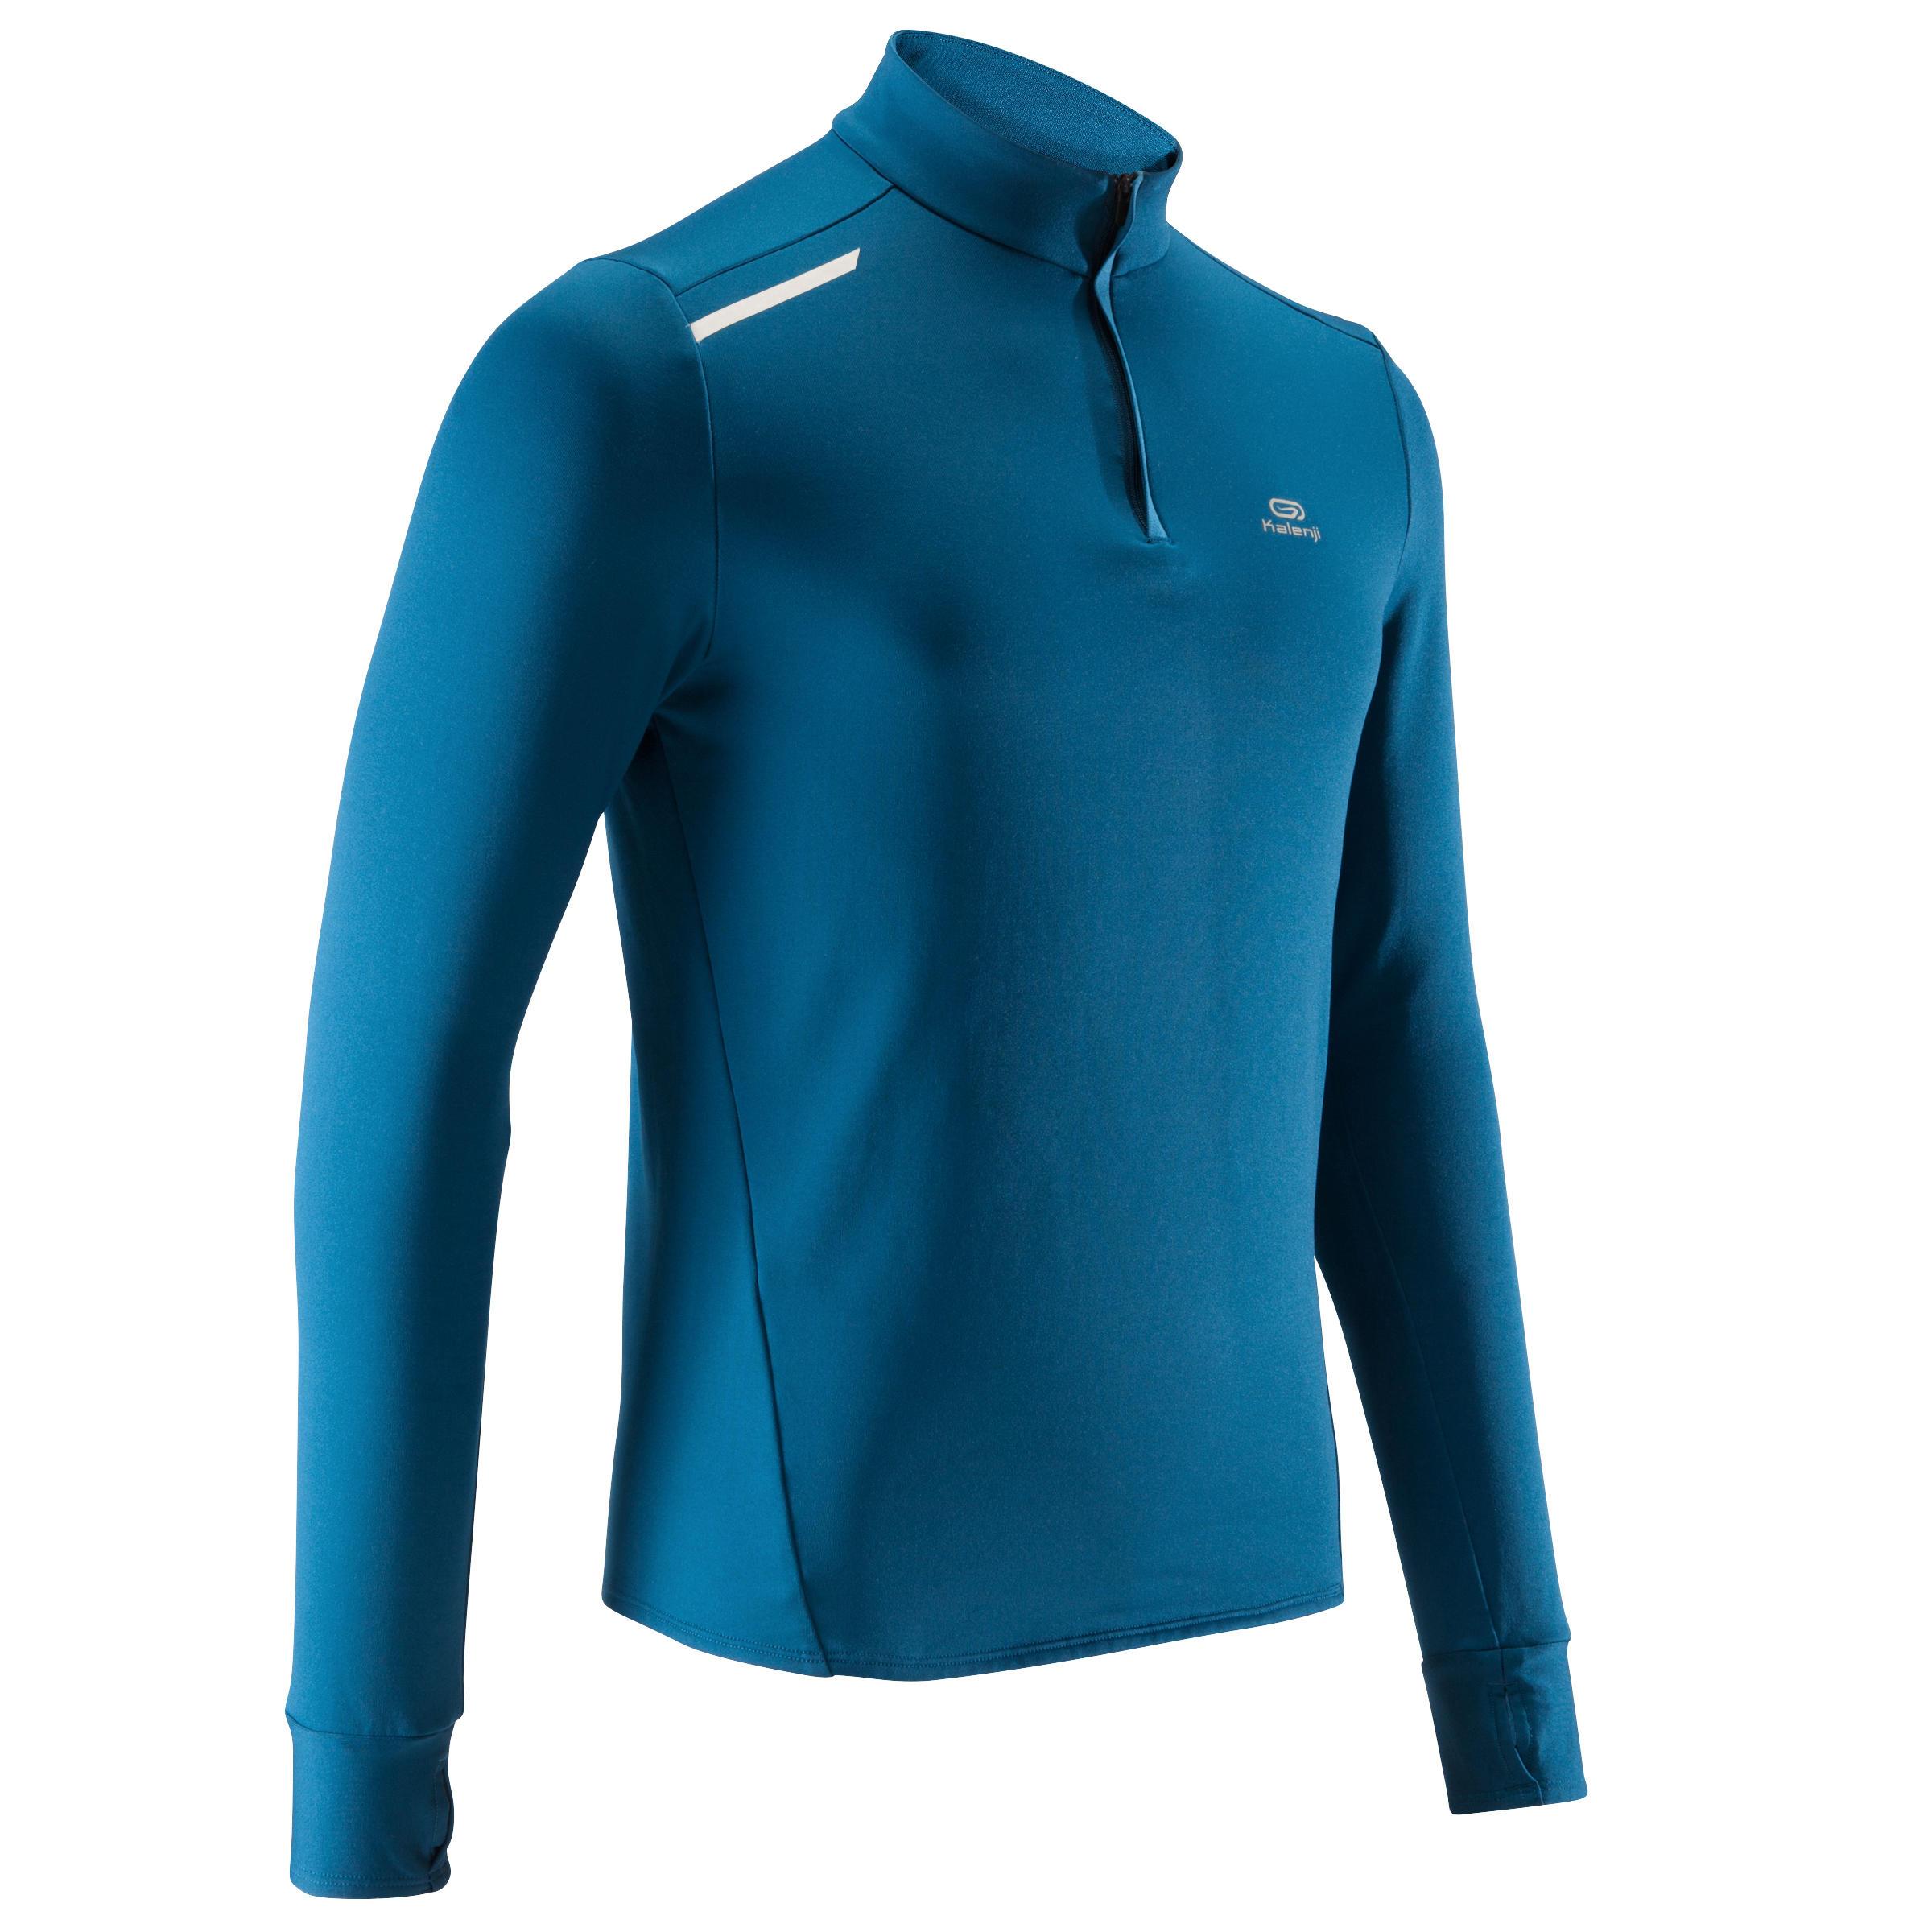 Kalenji Hardloopshirt met lange mouwen voor heren Run Warm